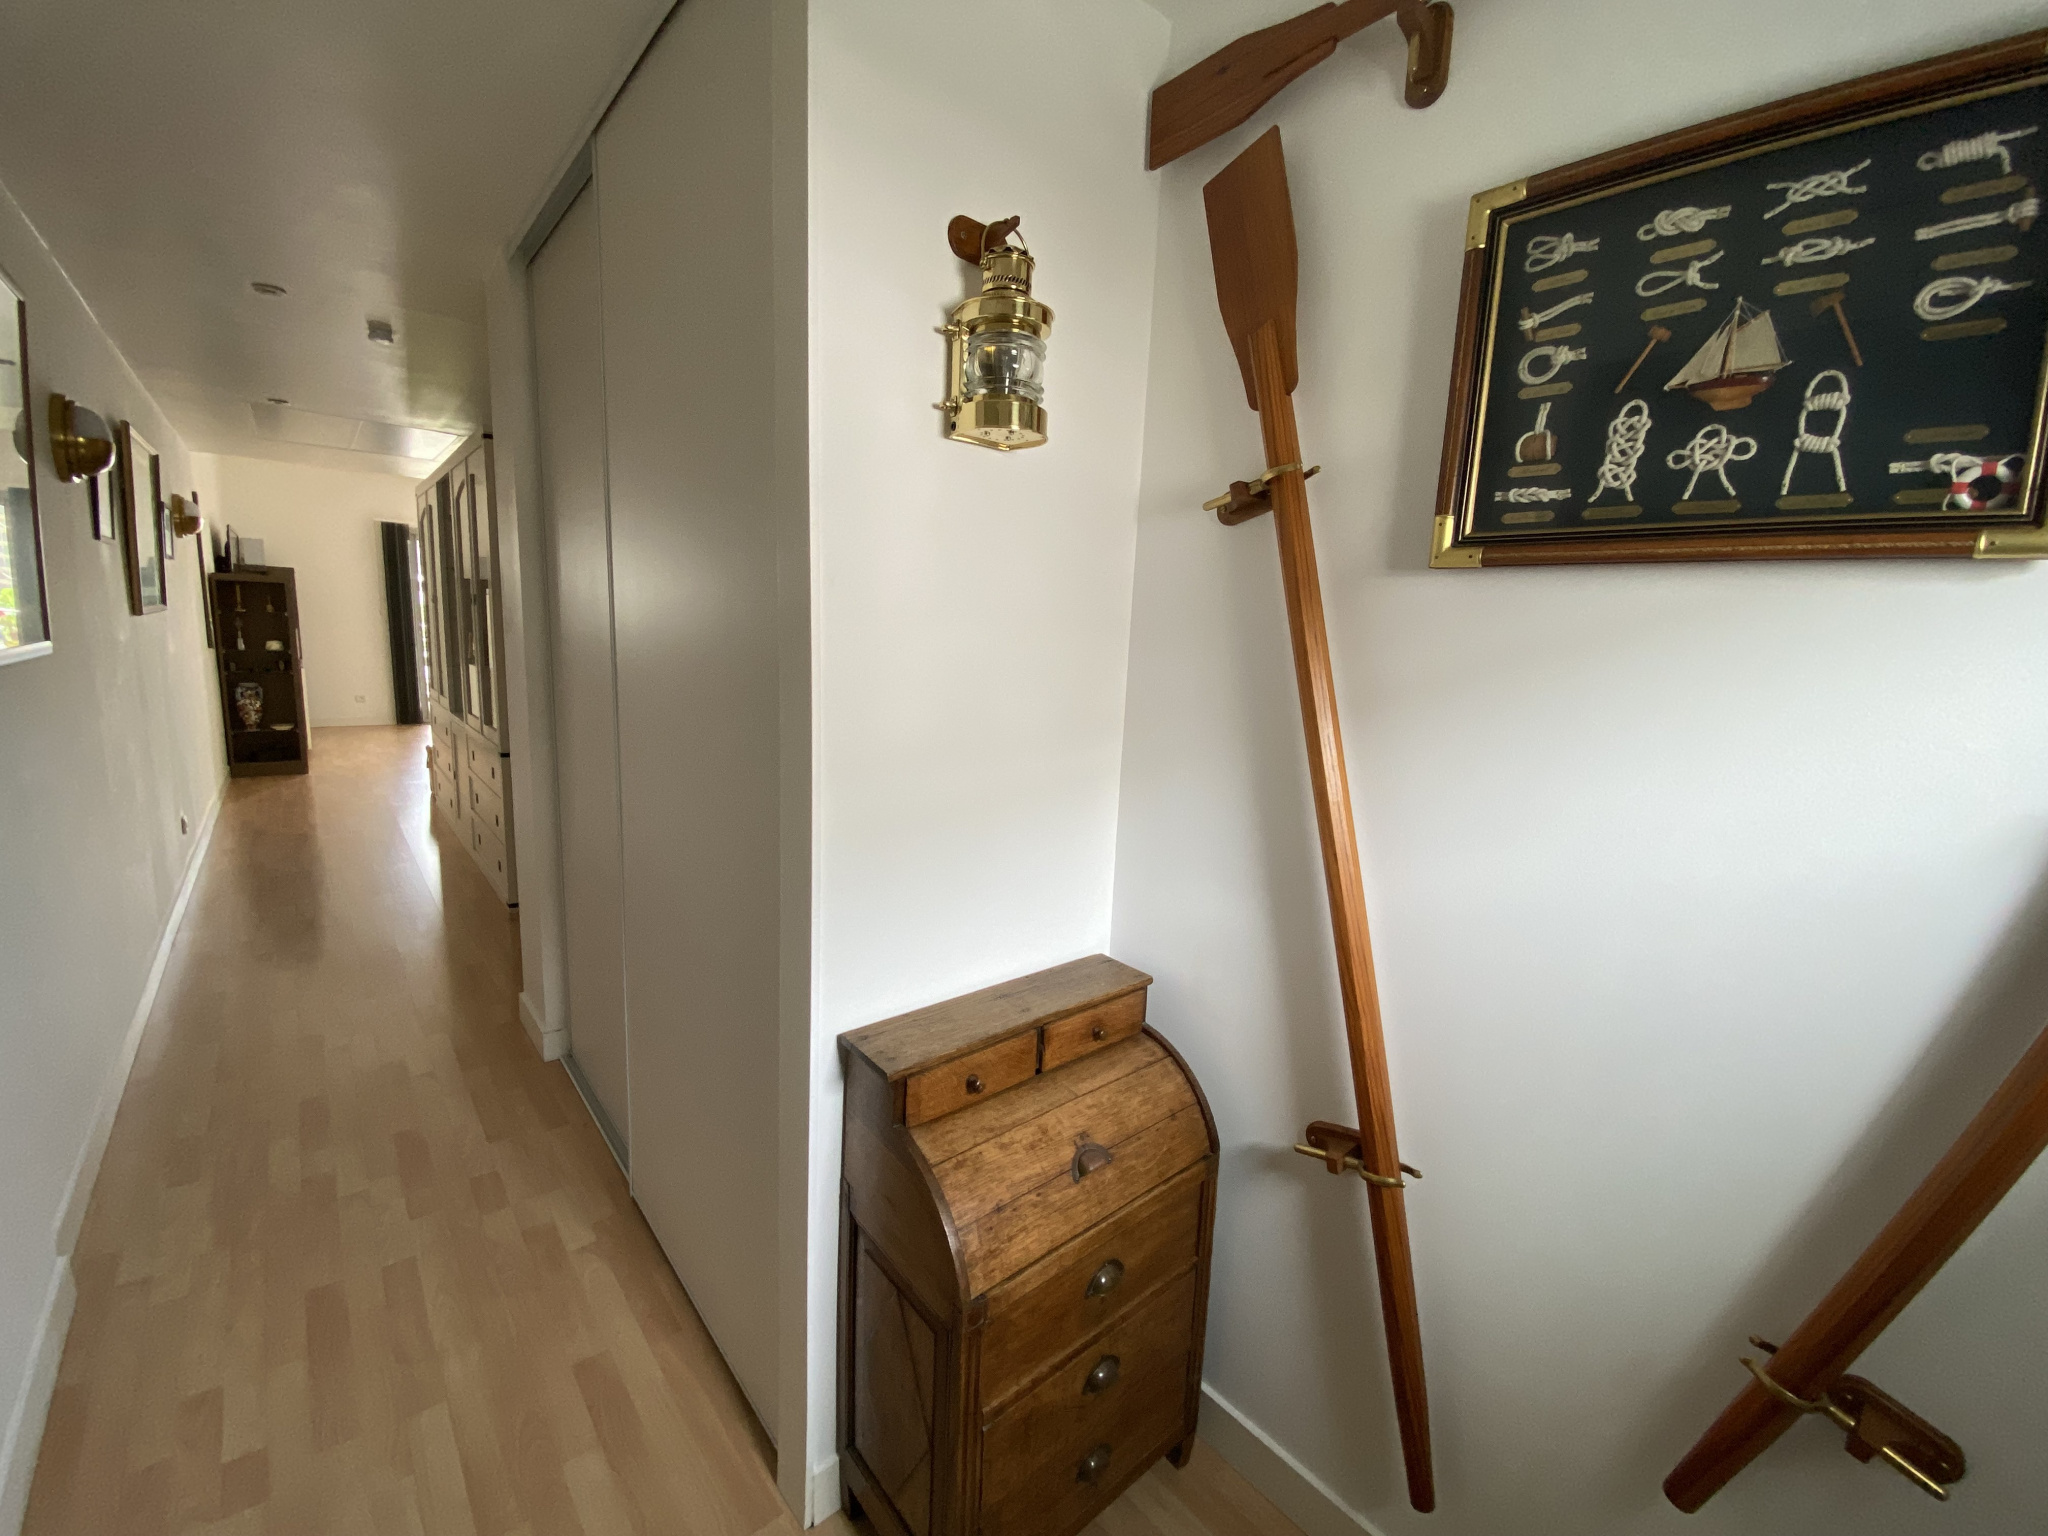 appartement la rochelle QUARTIER MEDIATHEQUE - TYPE 4 AVEC TERRASSE ET STATIONNEMENT